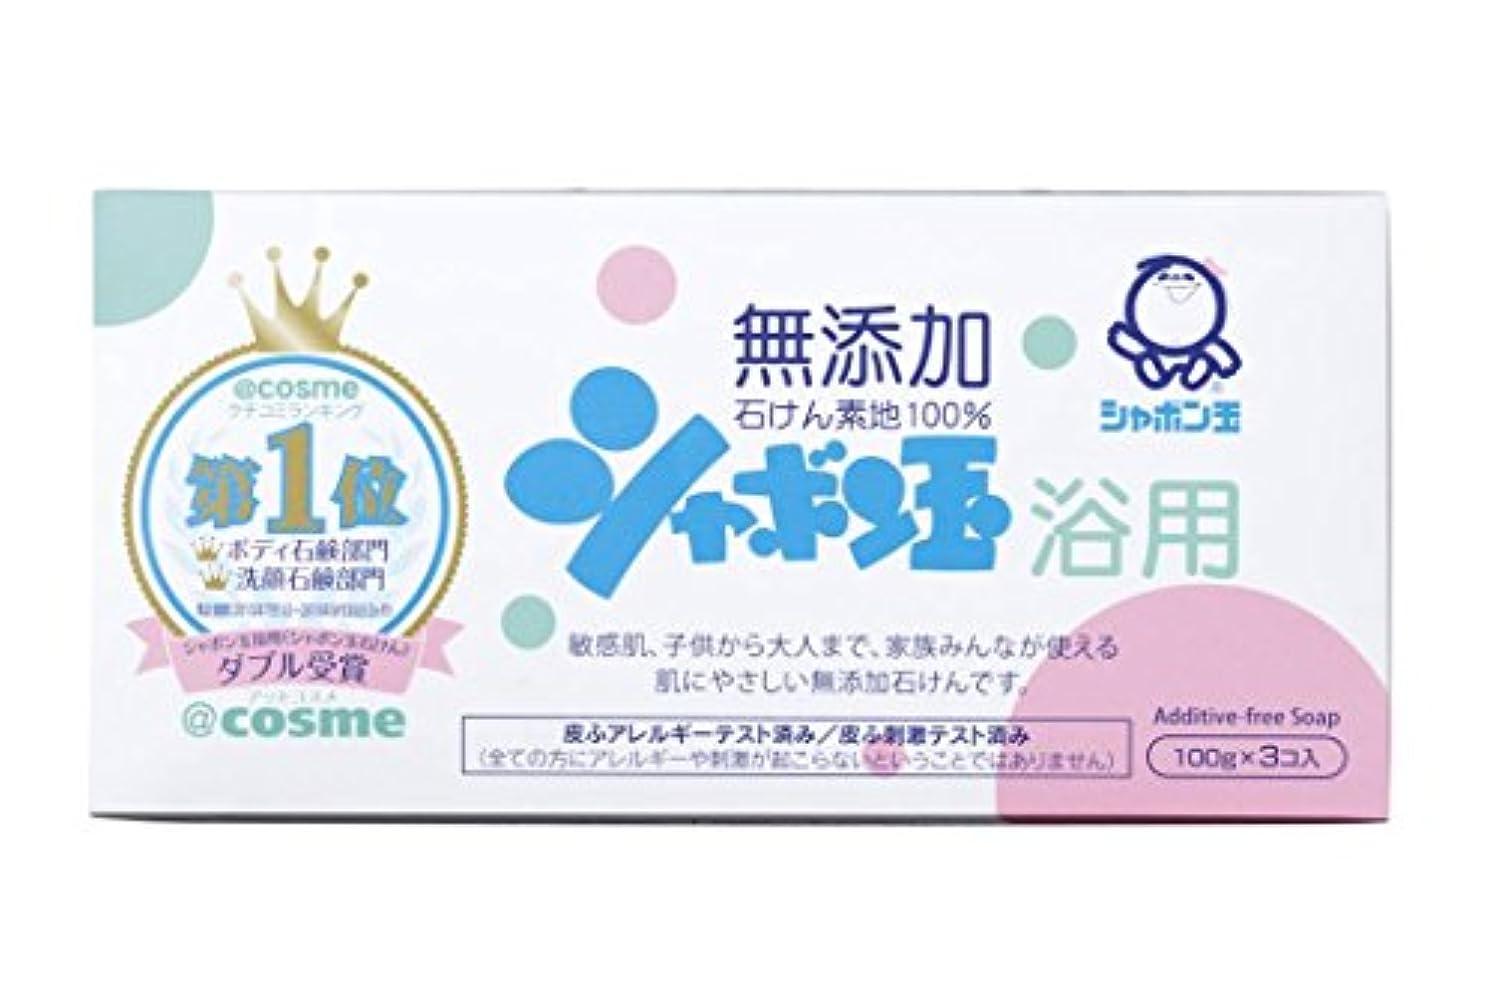 リストラクター体シャボン玉石けん 浴用 化粧石けん 100g×3